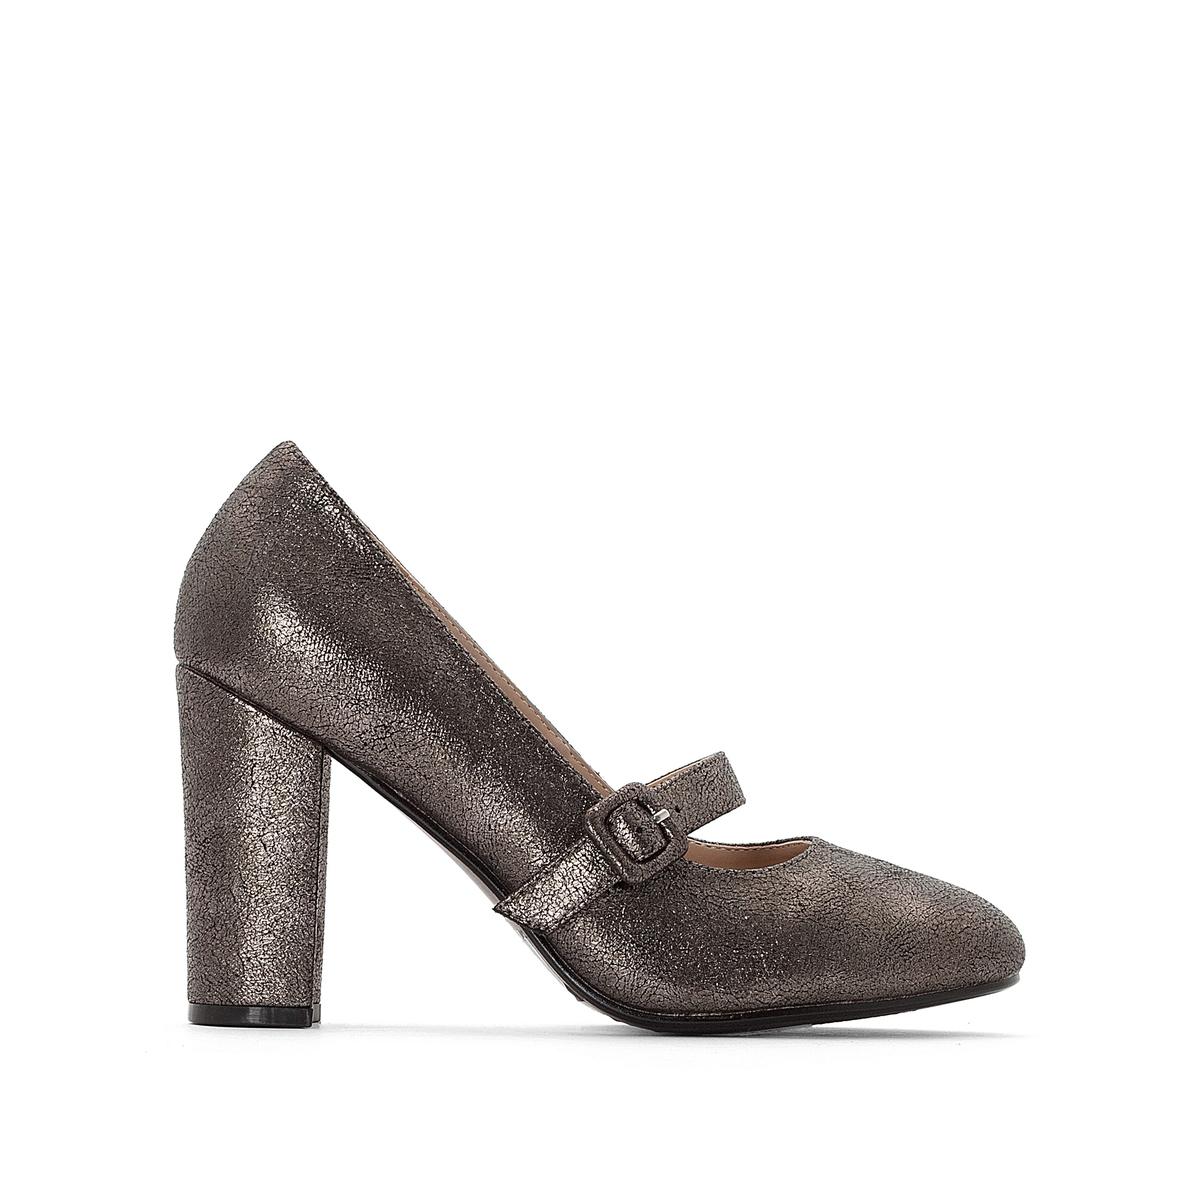 Sapatos de tacão alto, especial pé largo, do 38 ao